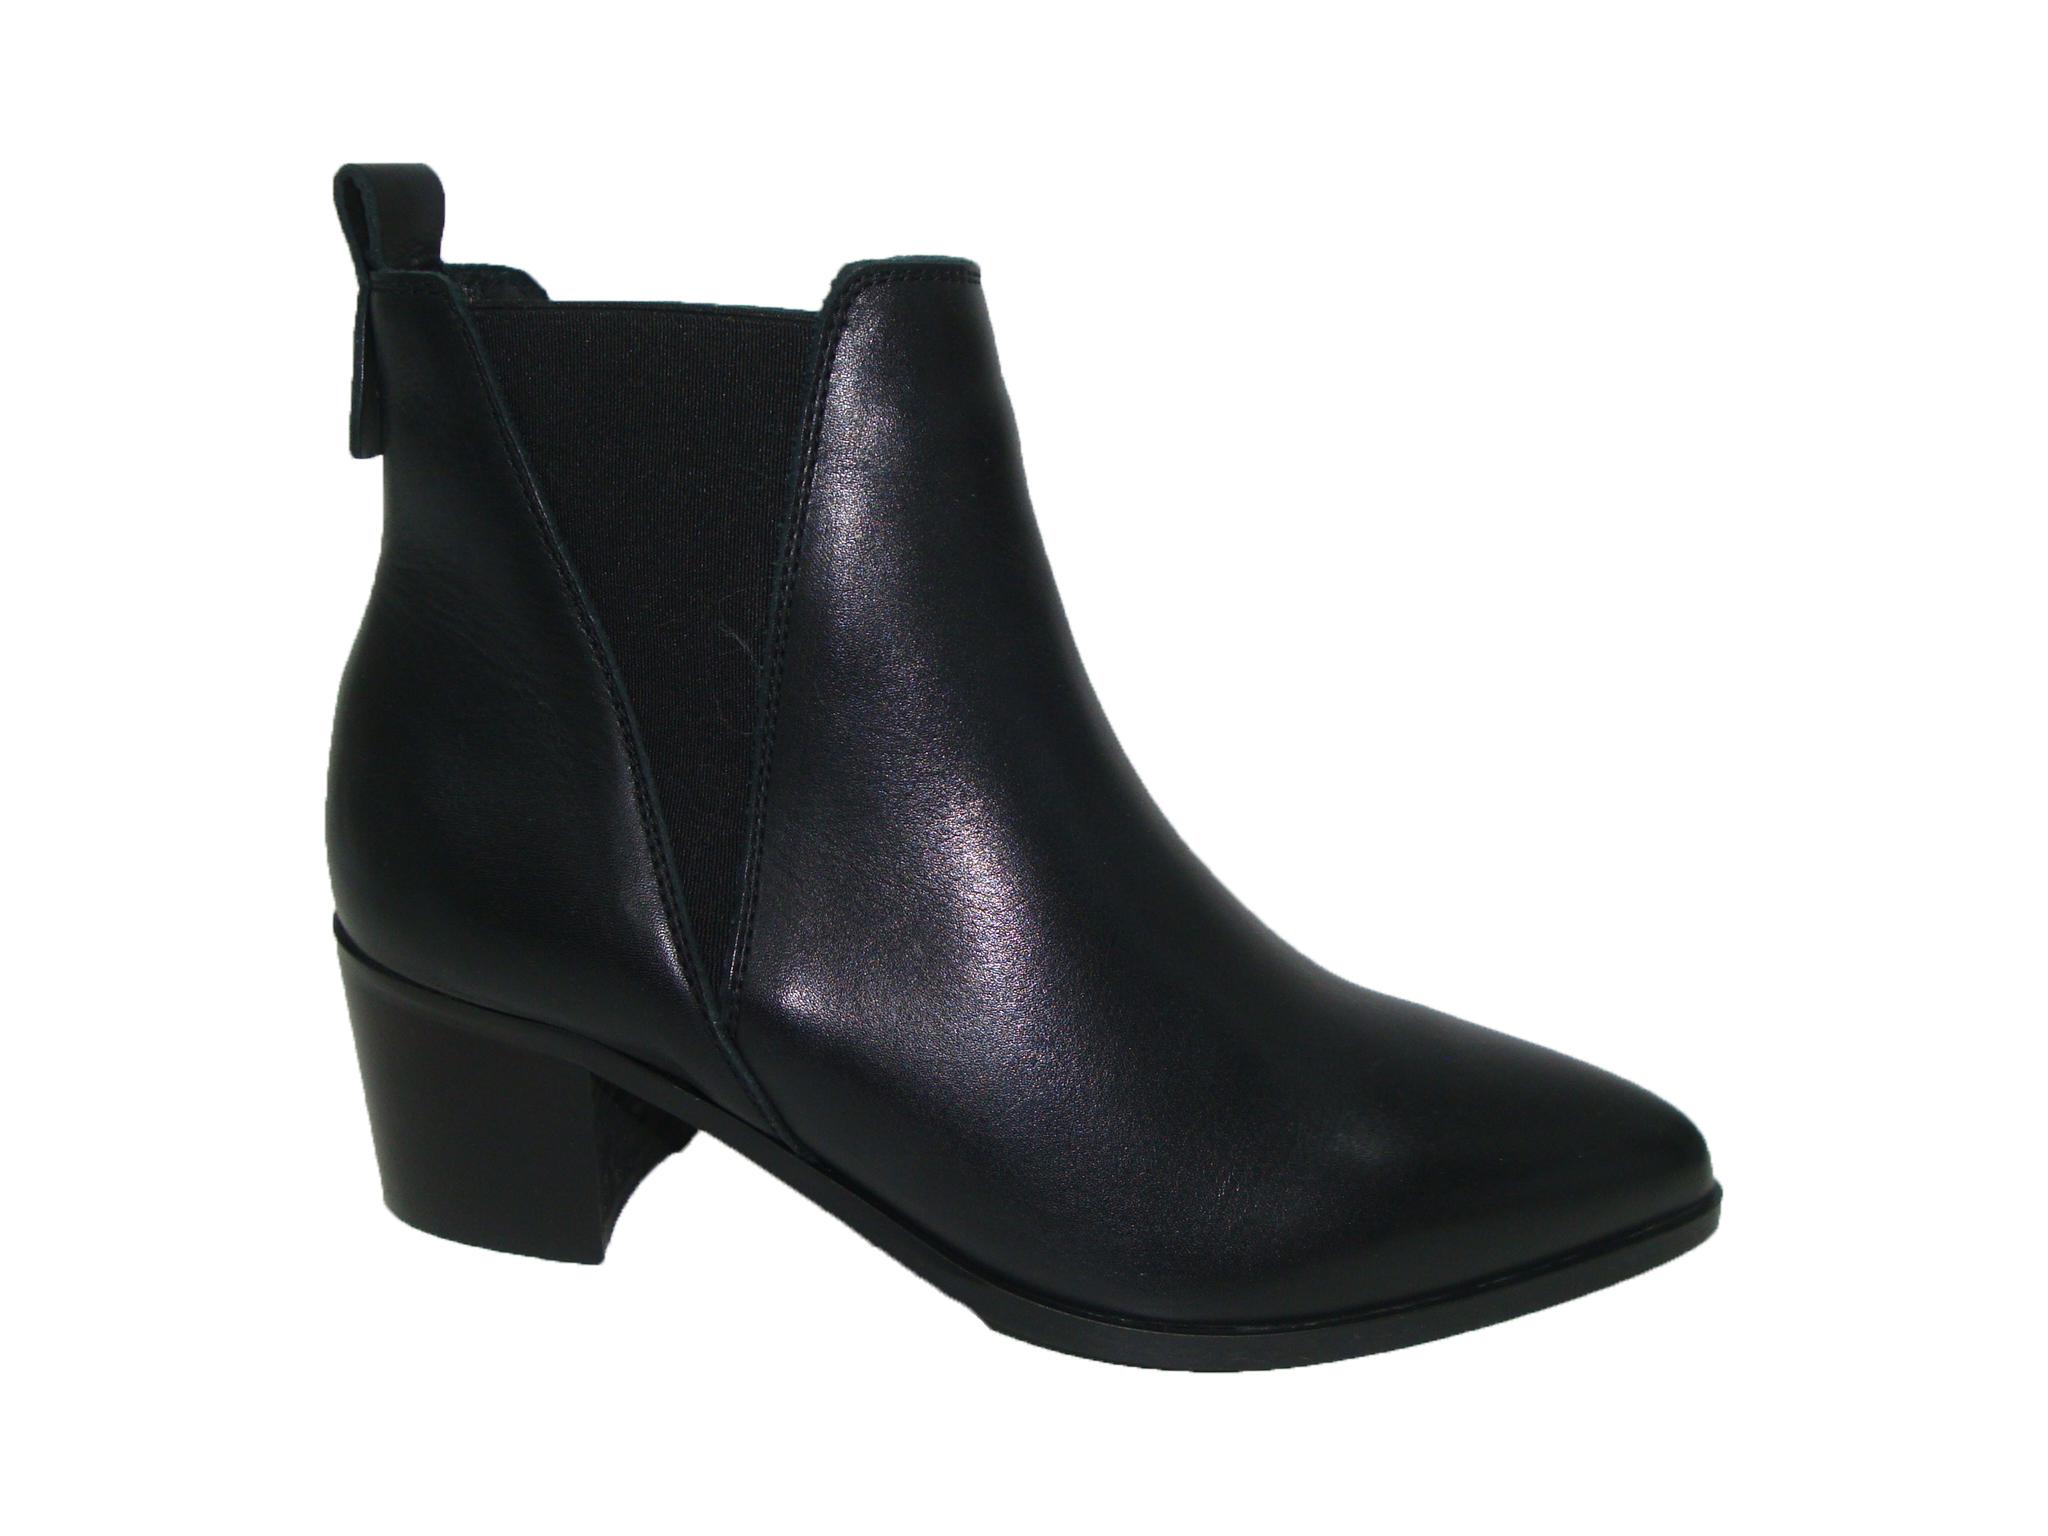 Nordstrand 6994 støvle, black, 38